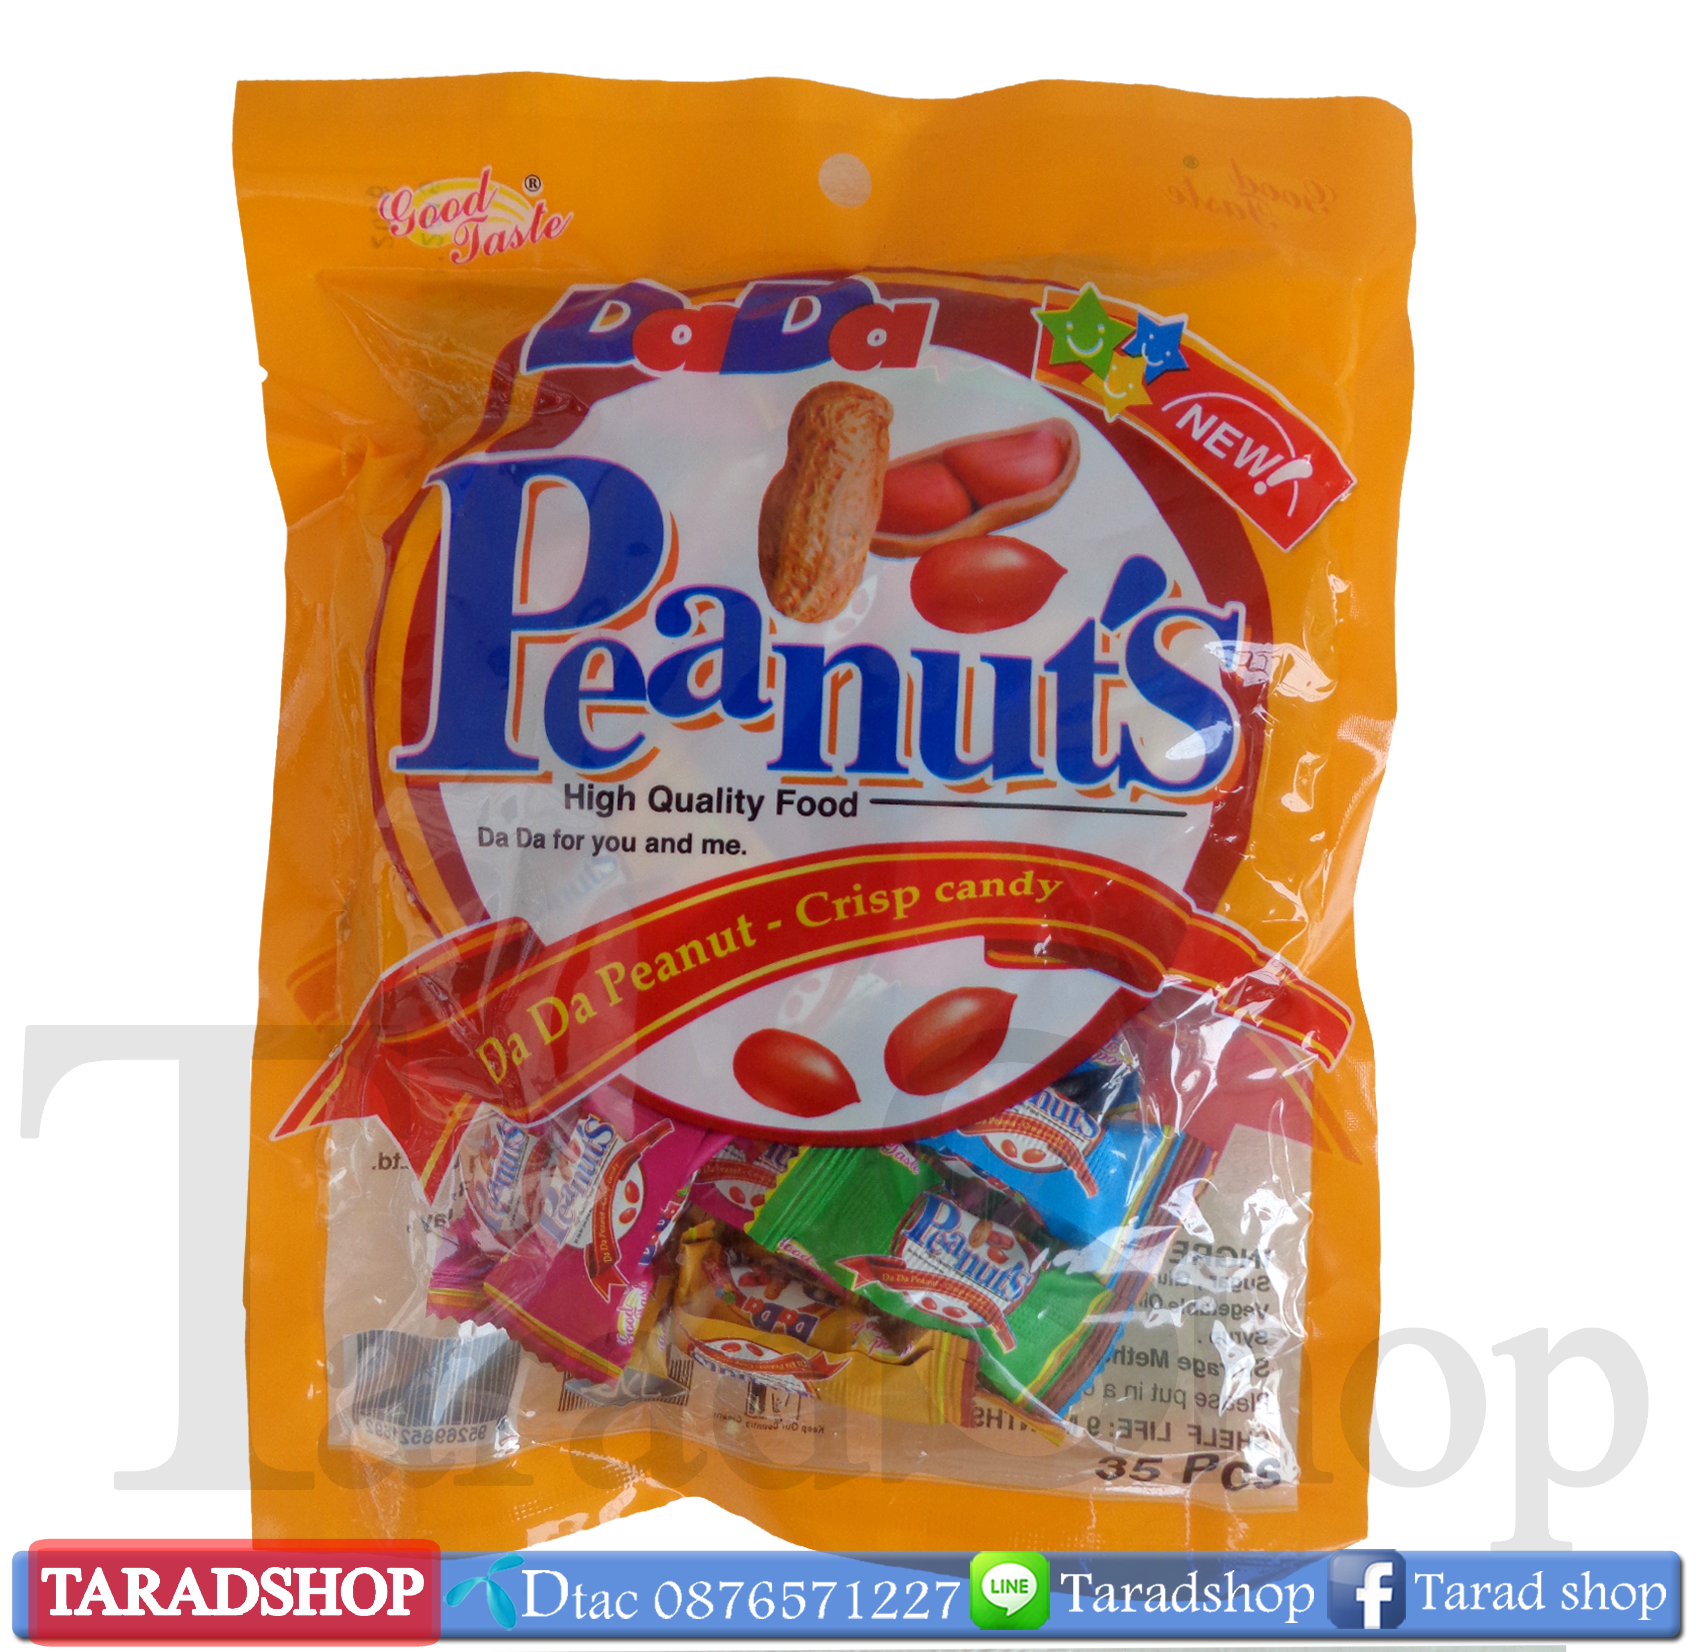 ลูกอม goody brand peanuts(ชนิดซอง)